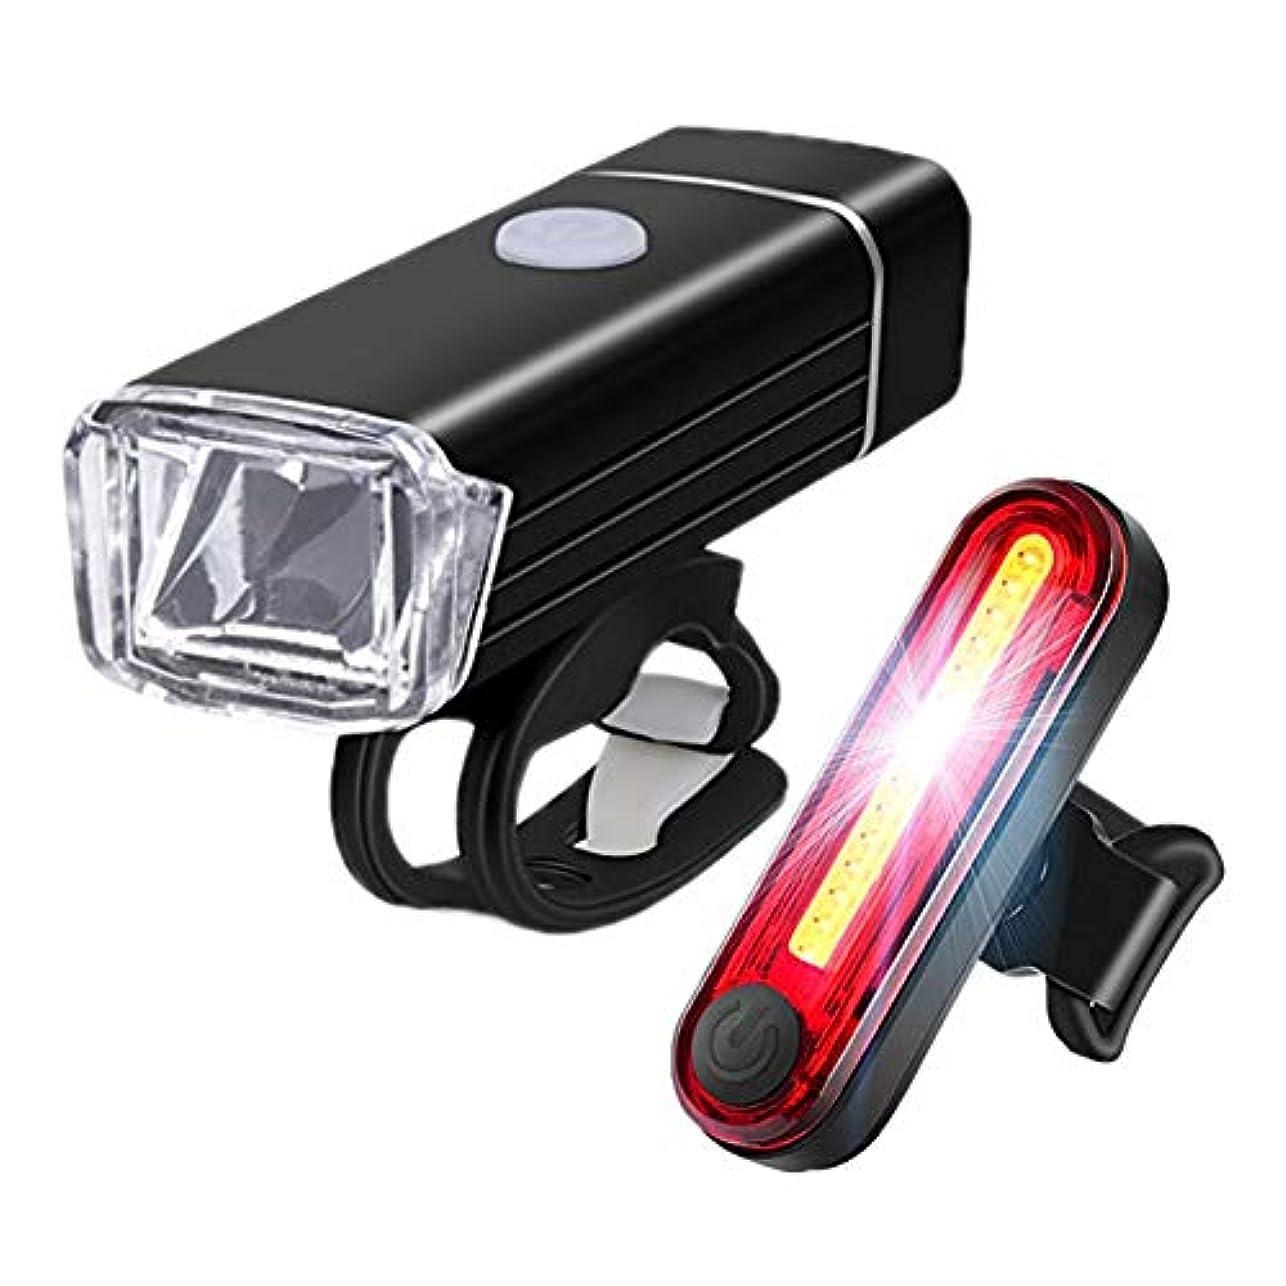 速い奨励浸透する自転車 ライト ヘッドライト 警告 テールライト アルミニウム 合金 USB 充電 ヘッドライト スーツ